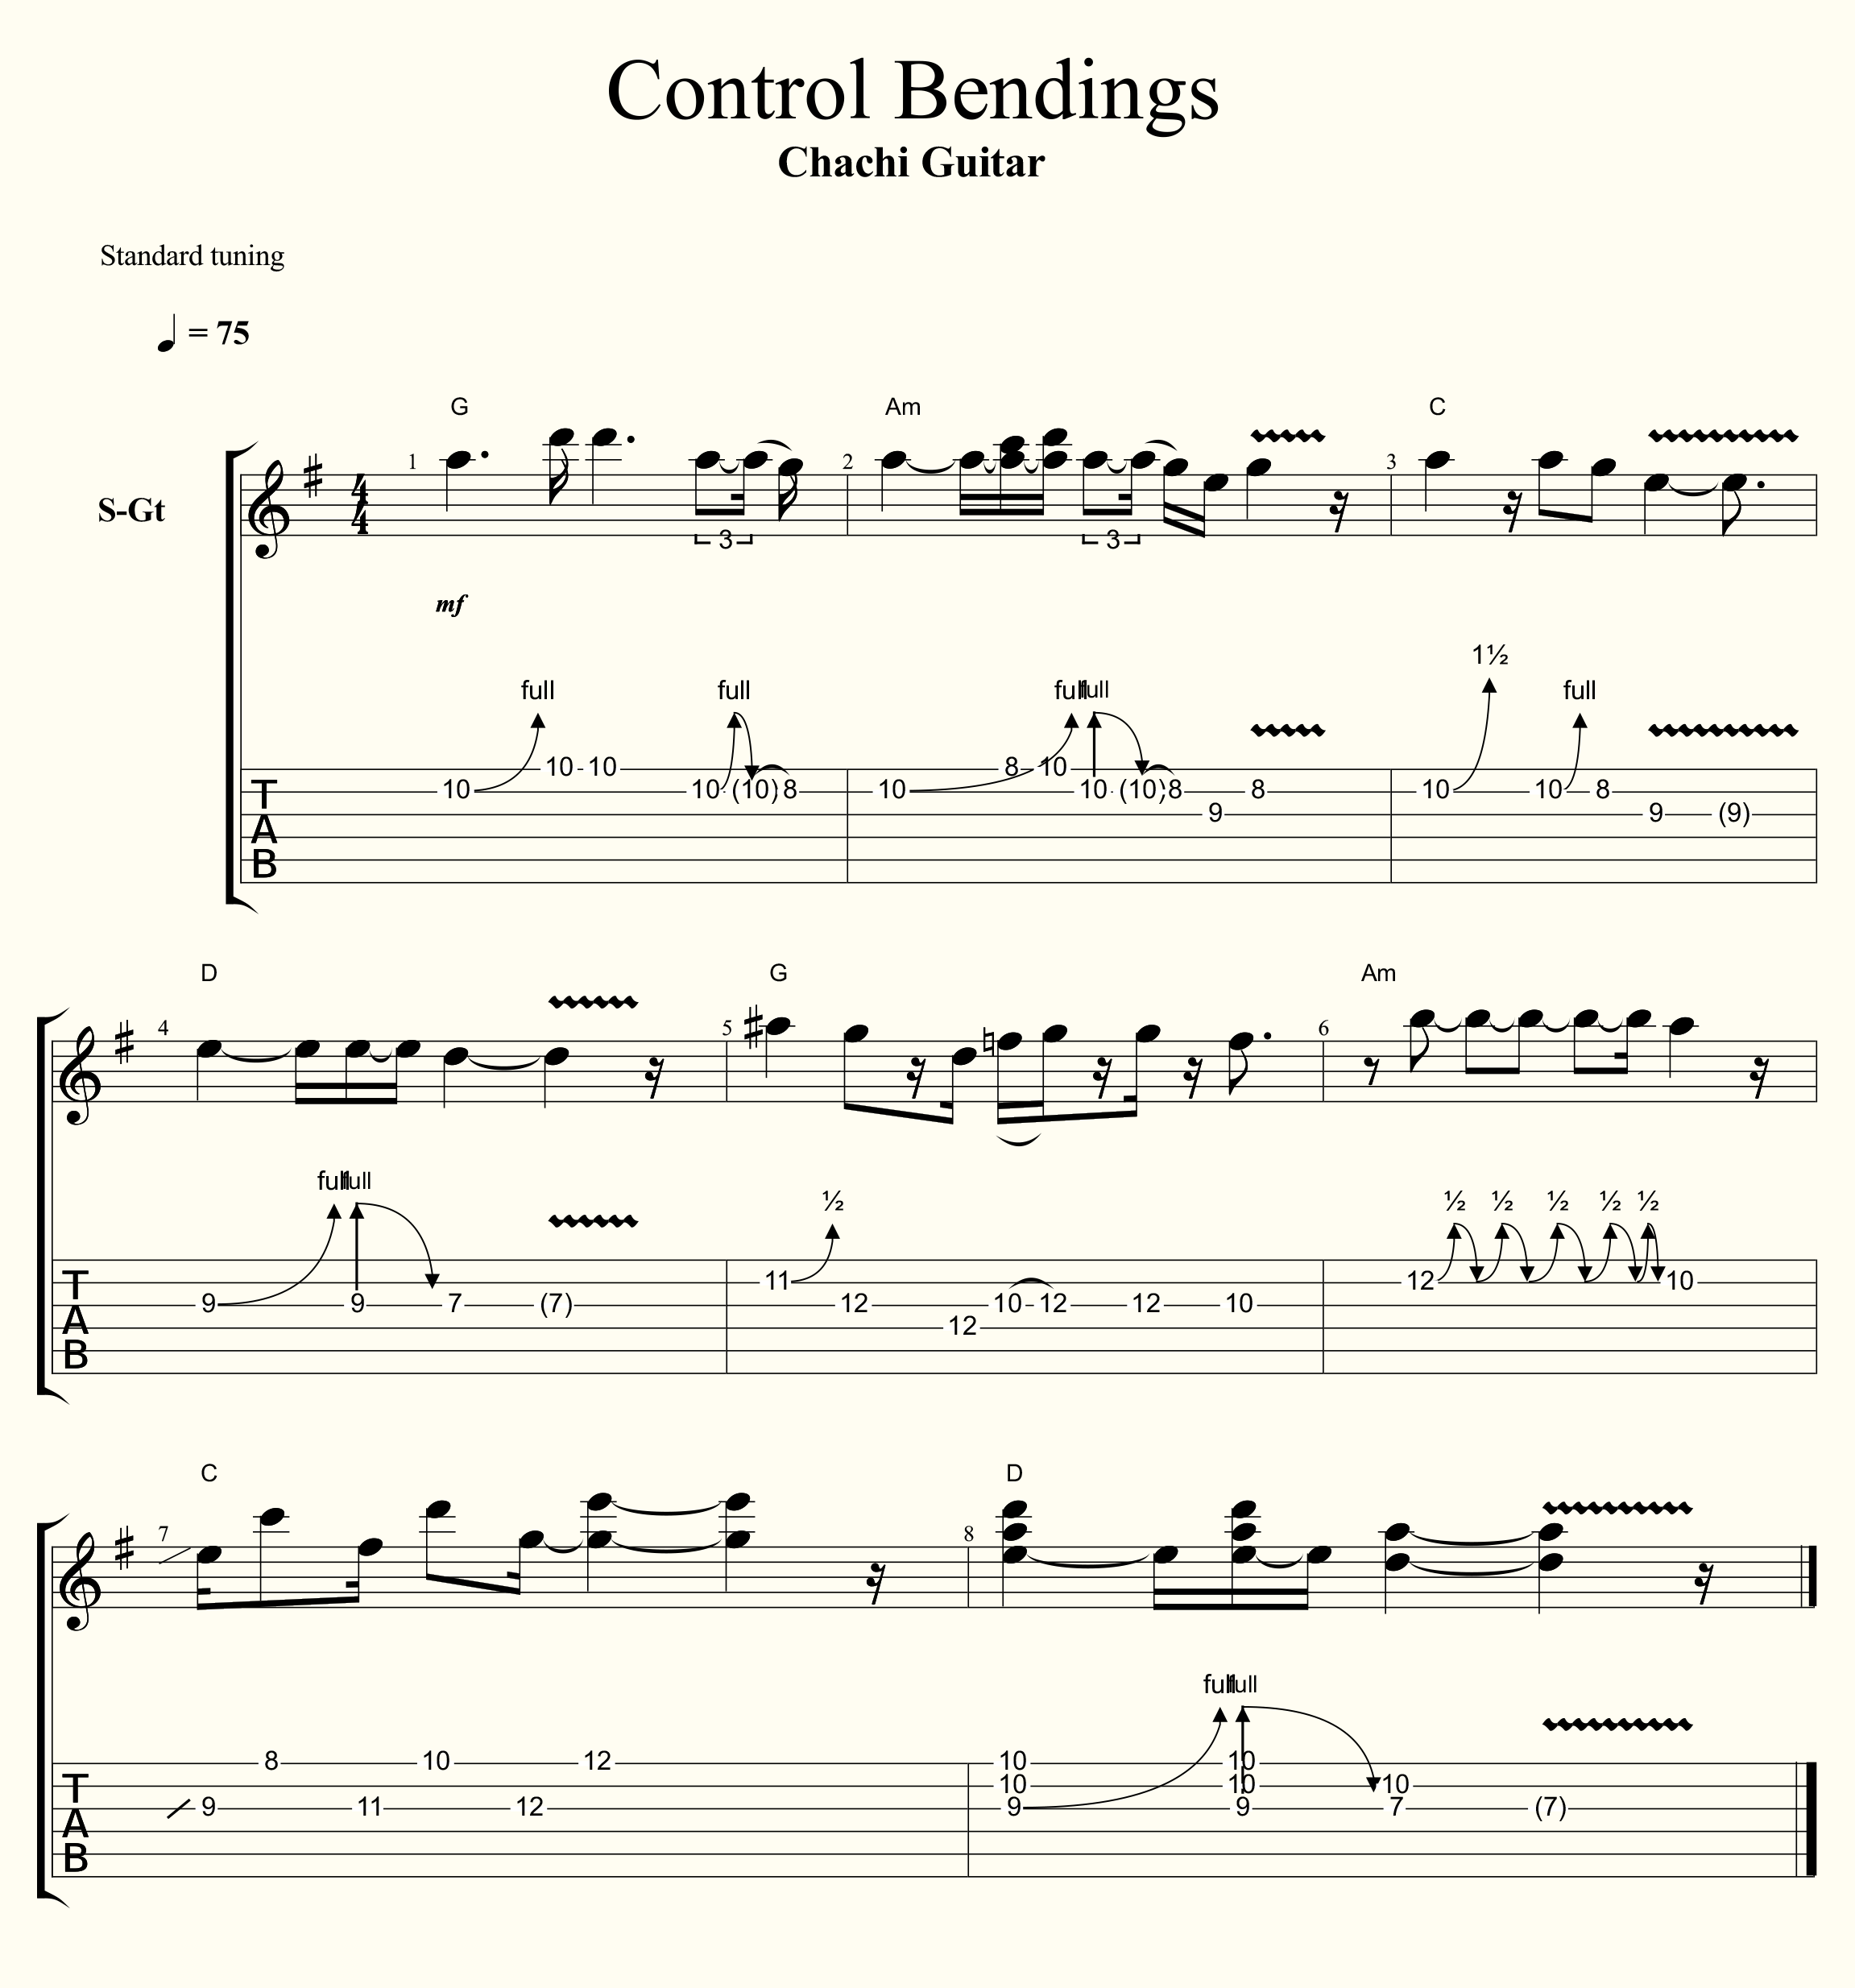 Control Bendings